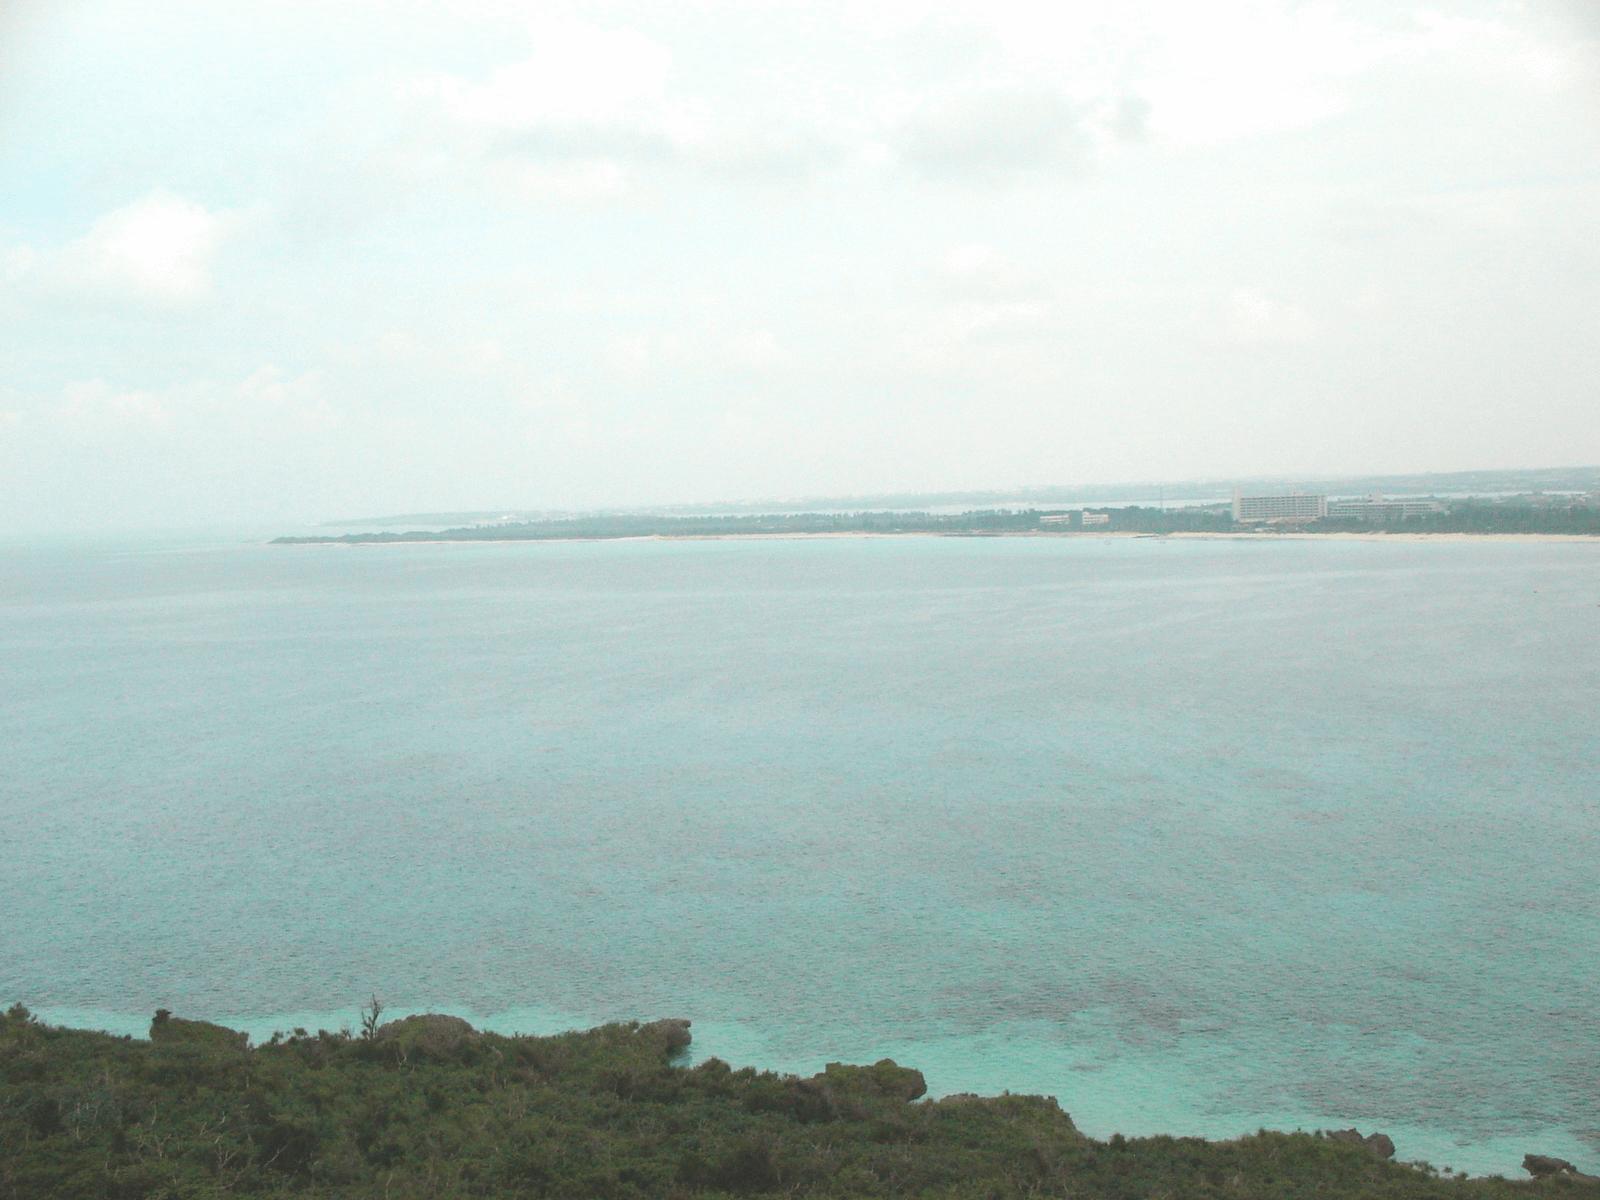 宮古島の隣の来間島にある竜宮城展望台から観た海